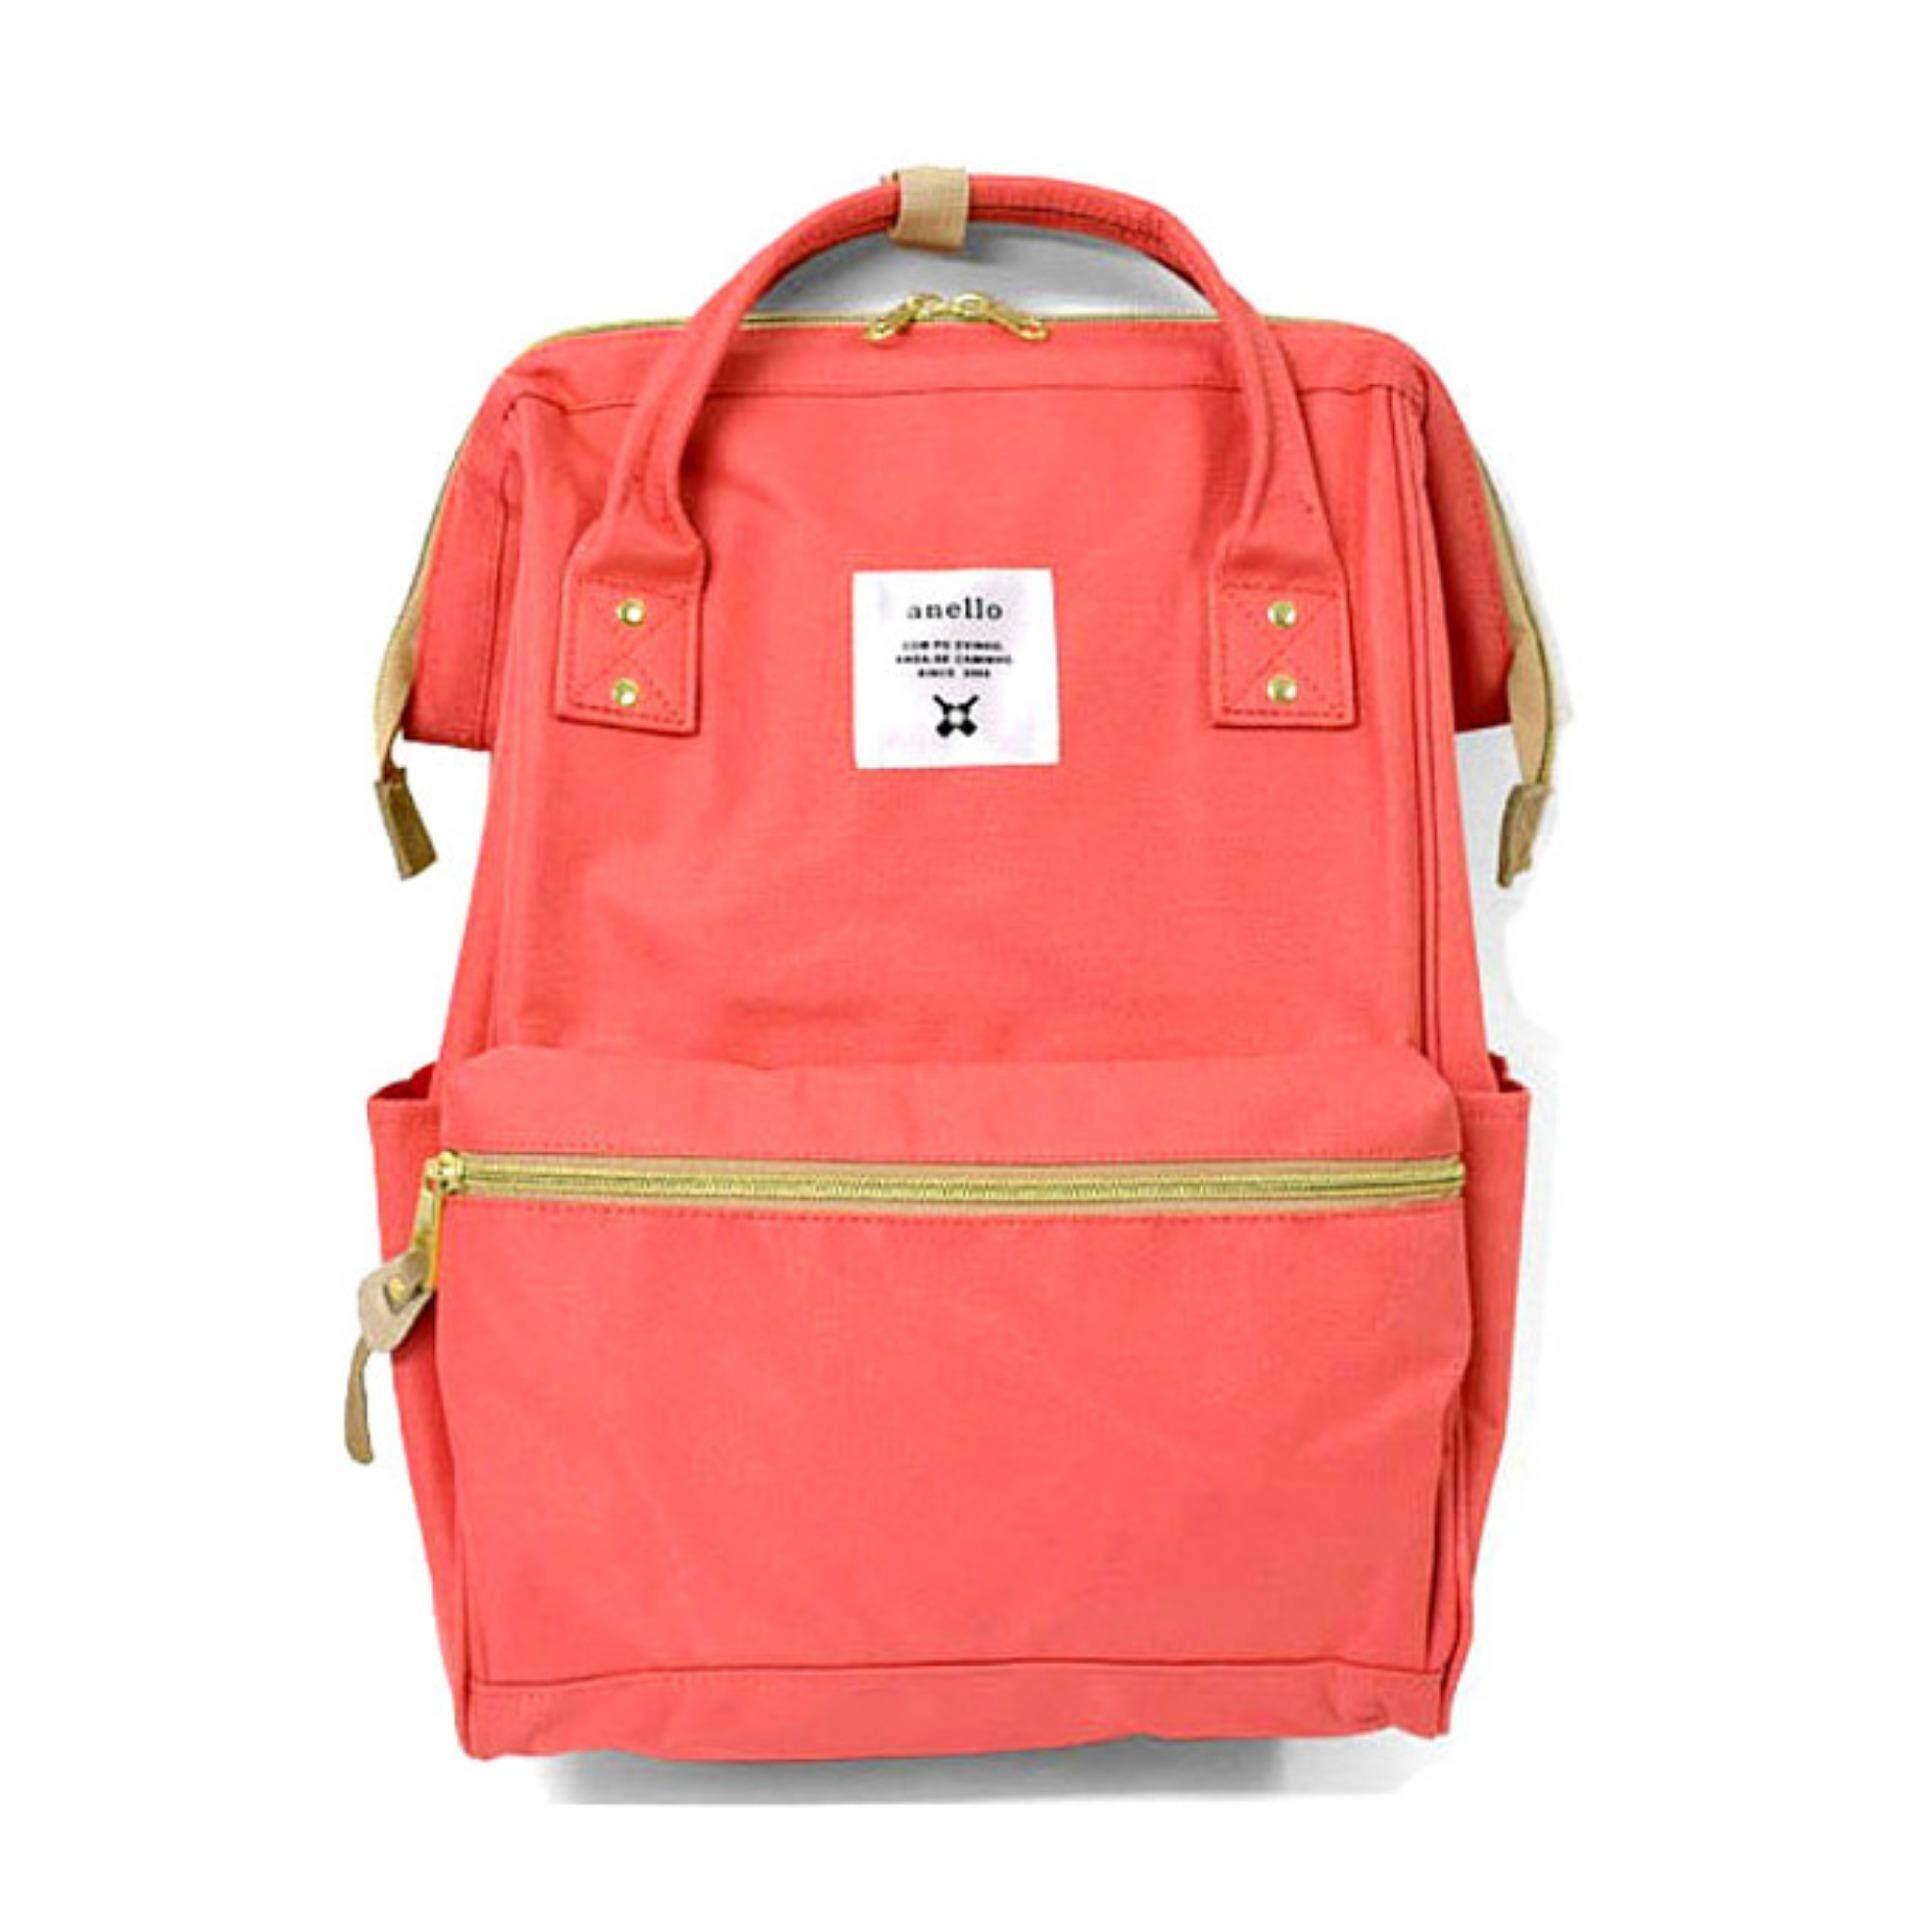 ยี่ห้อนี้ดีไหม  กำแพงเพชร กระเป๋าเป้ Anello Canvas Unisex Backpack Coral Pink (Classic Size) - Japan Imported 100%